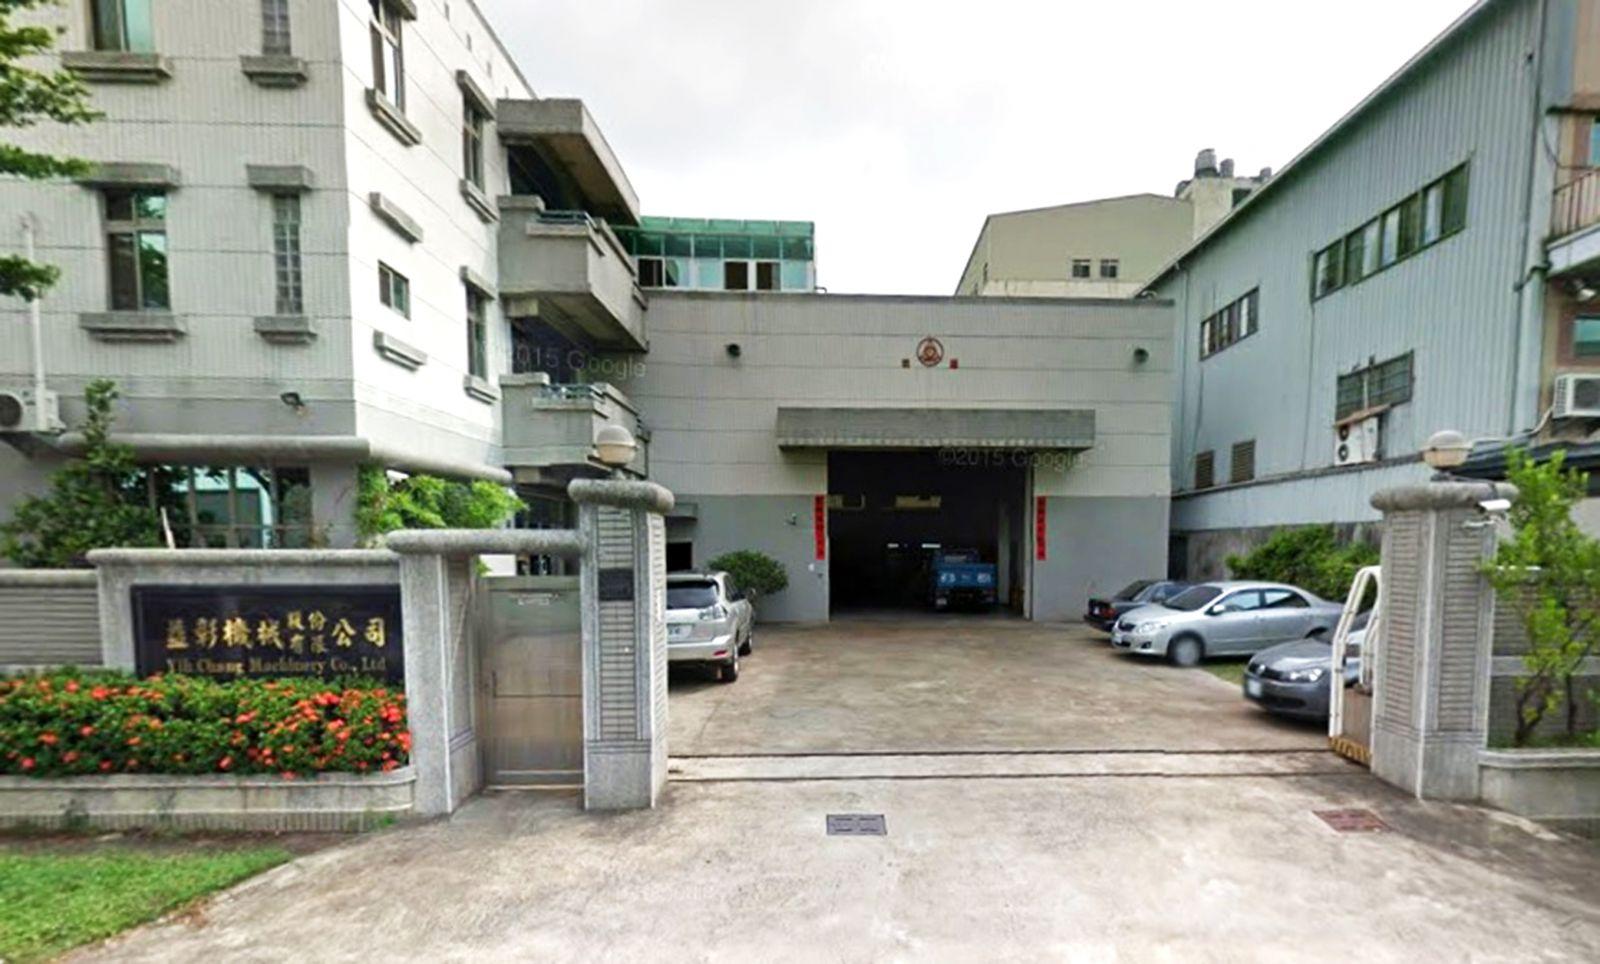 Nhà sản xuất Yi chang xuất xứ đài loan